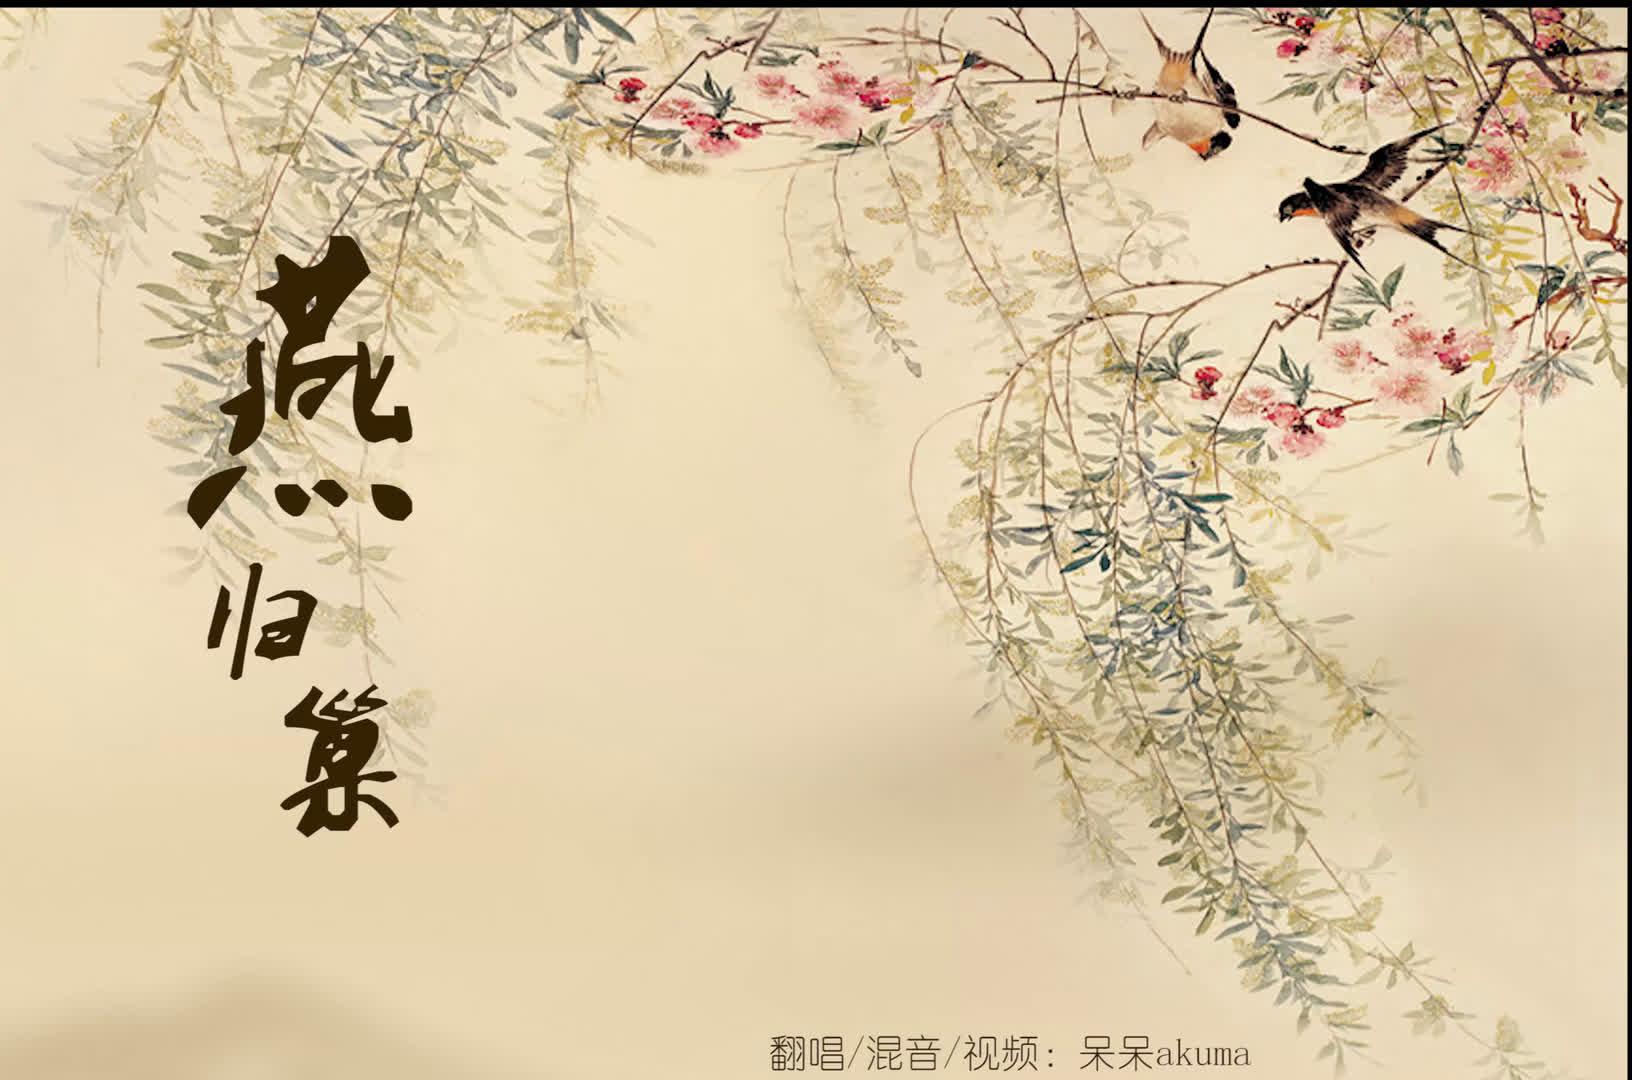 #呆呆akuma#【Chn】燕归巢[视频][微风]别.来字加微风ps图片